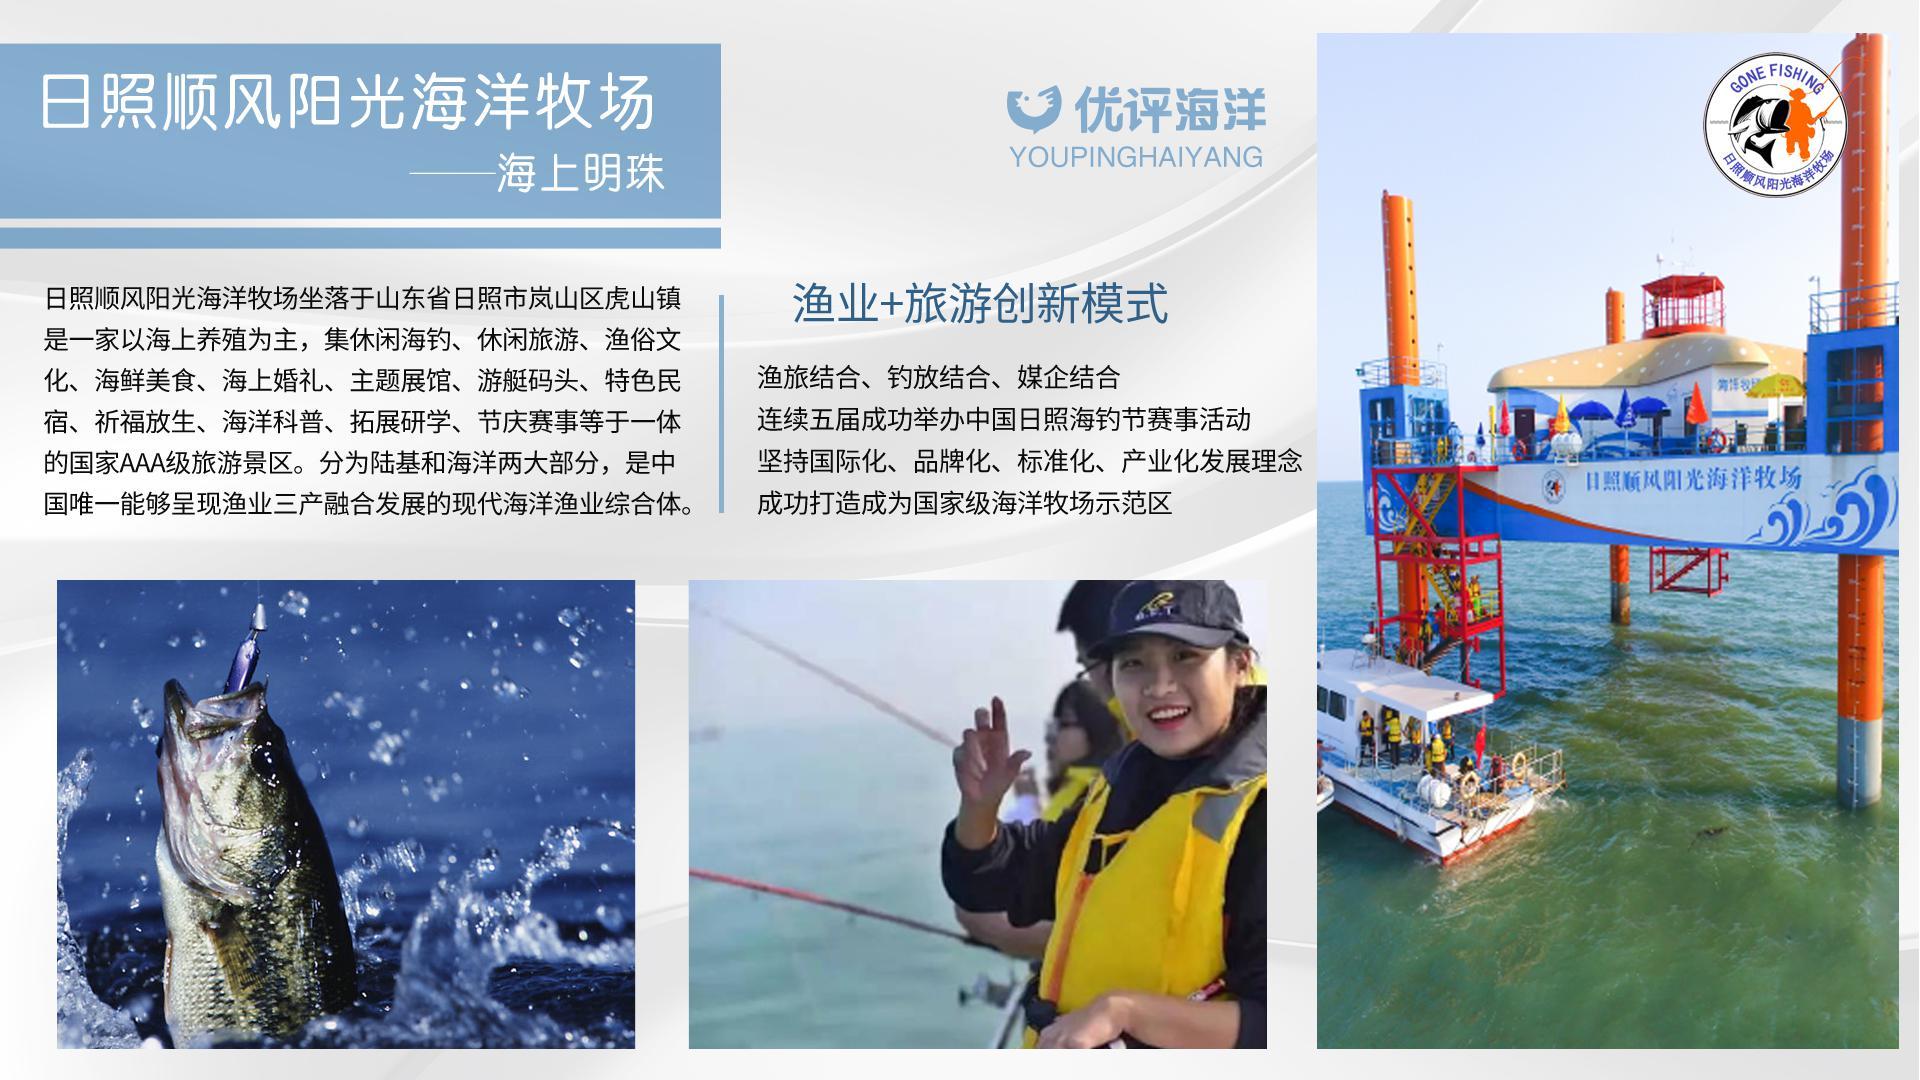 图片[2]-U评海洋,简单项目,小白不会推广每天静态一个收入也有100-首码社